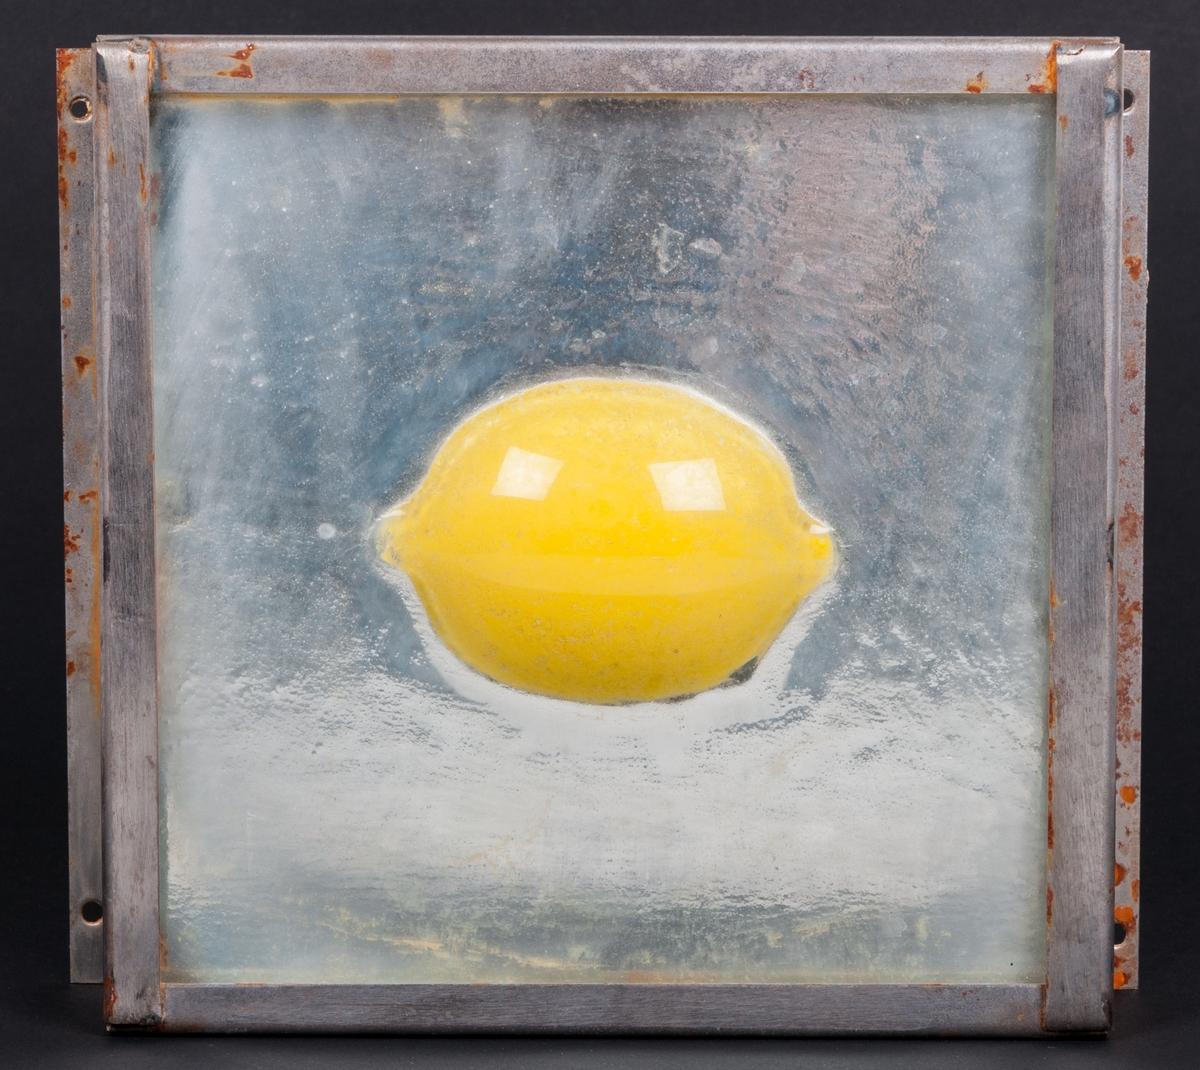 """Objekt, skulptur, i glas och stål, """"Spegelbild"""" (alt. Gul citron) av Lena Forslund-van Leer. Kvadratisk, något strukturerad, klar glasskiva med gul citron i relief i centrum. Bakom glasskivan är ett spegelglas. Glasskivorna infattade i obehandlad stålram."""